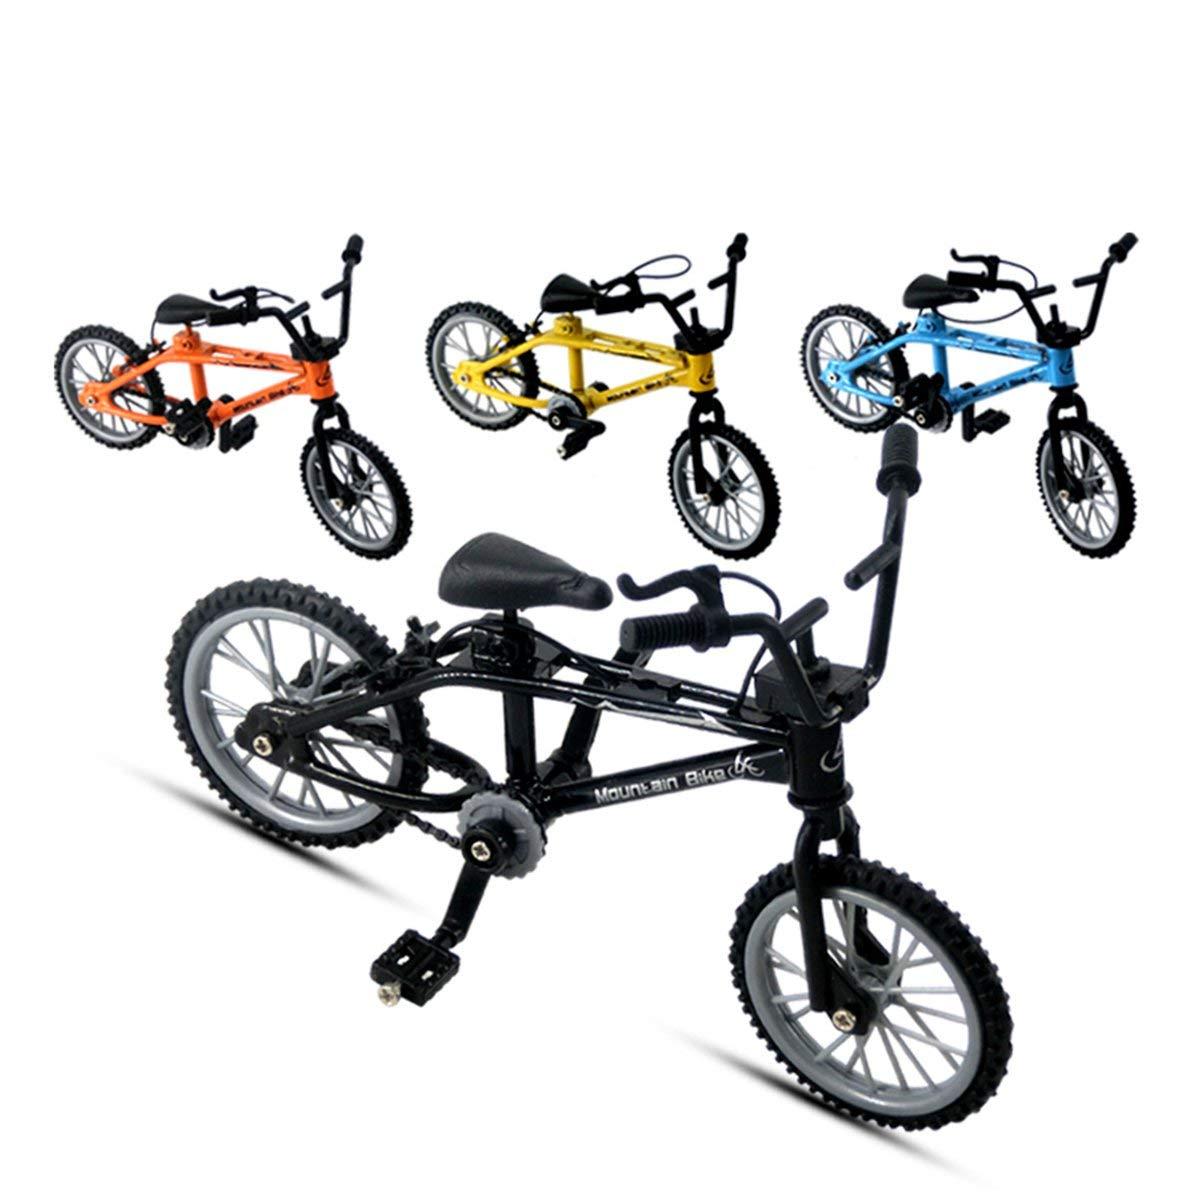 Los Aficionados Mini-Dedo-BMX Conjunto Bici del Juguete Dedo de la aleaci/ón de BMX Funcional de los ni/ños para Bicicleta Dedo modle BMX Regalo de los Juguetes Naranja